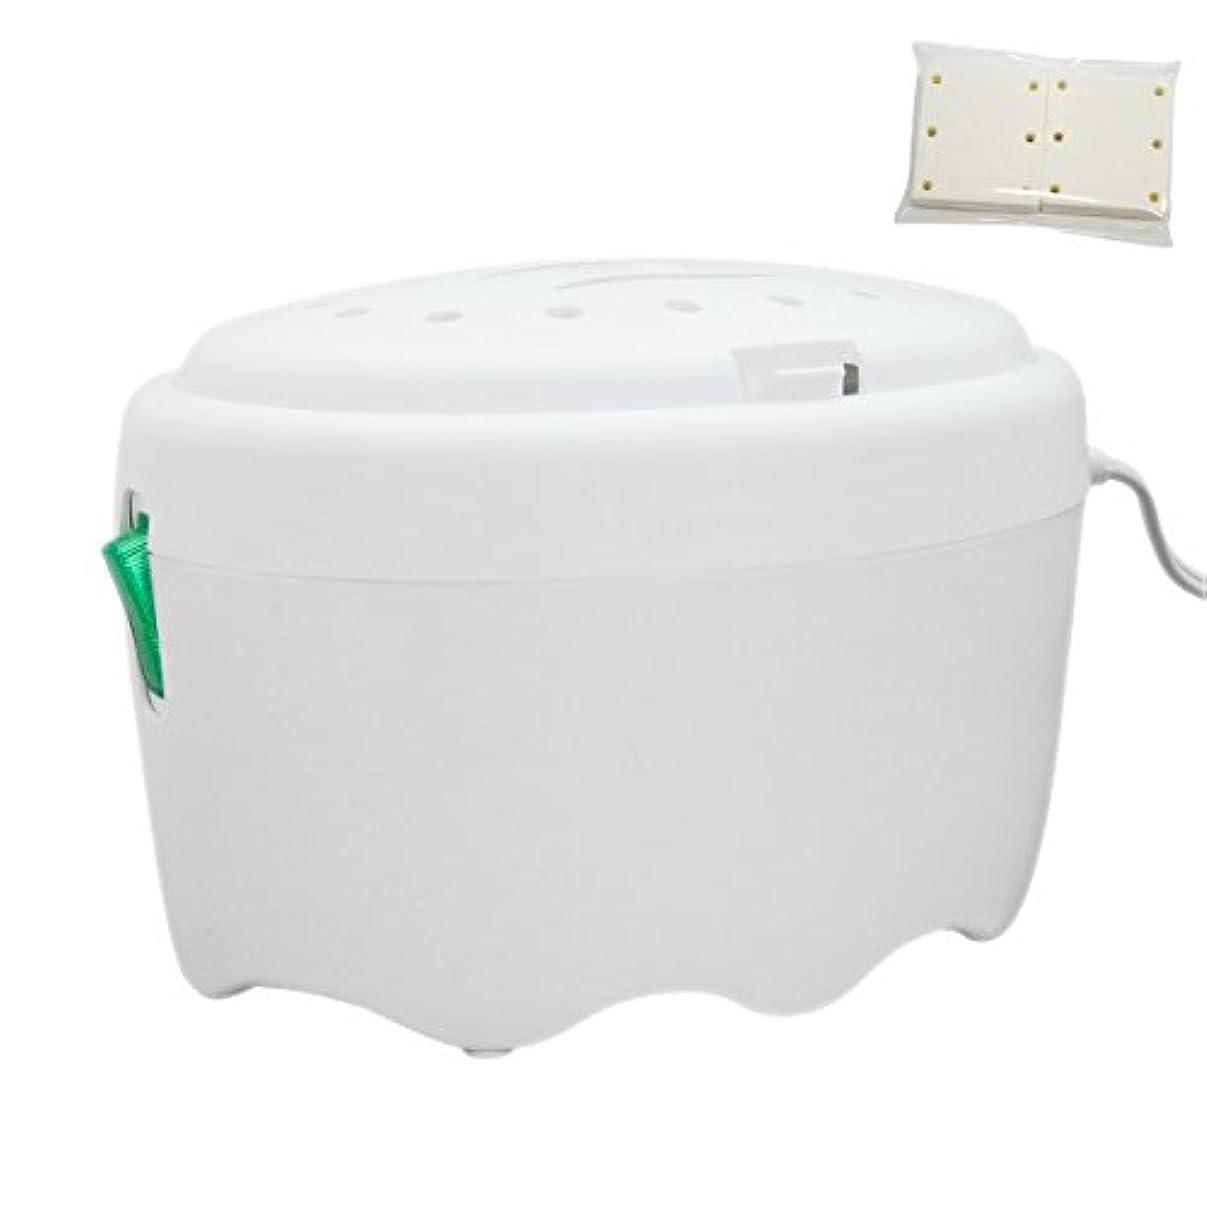 ブリーフケース義務石アロマブリーズ フレンズ ホワイト ファン式電源コードタイプ芳香器